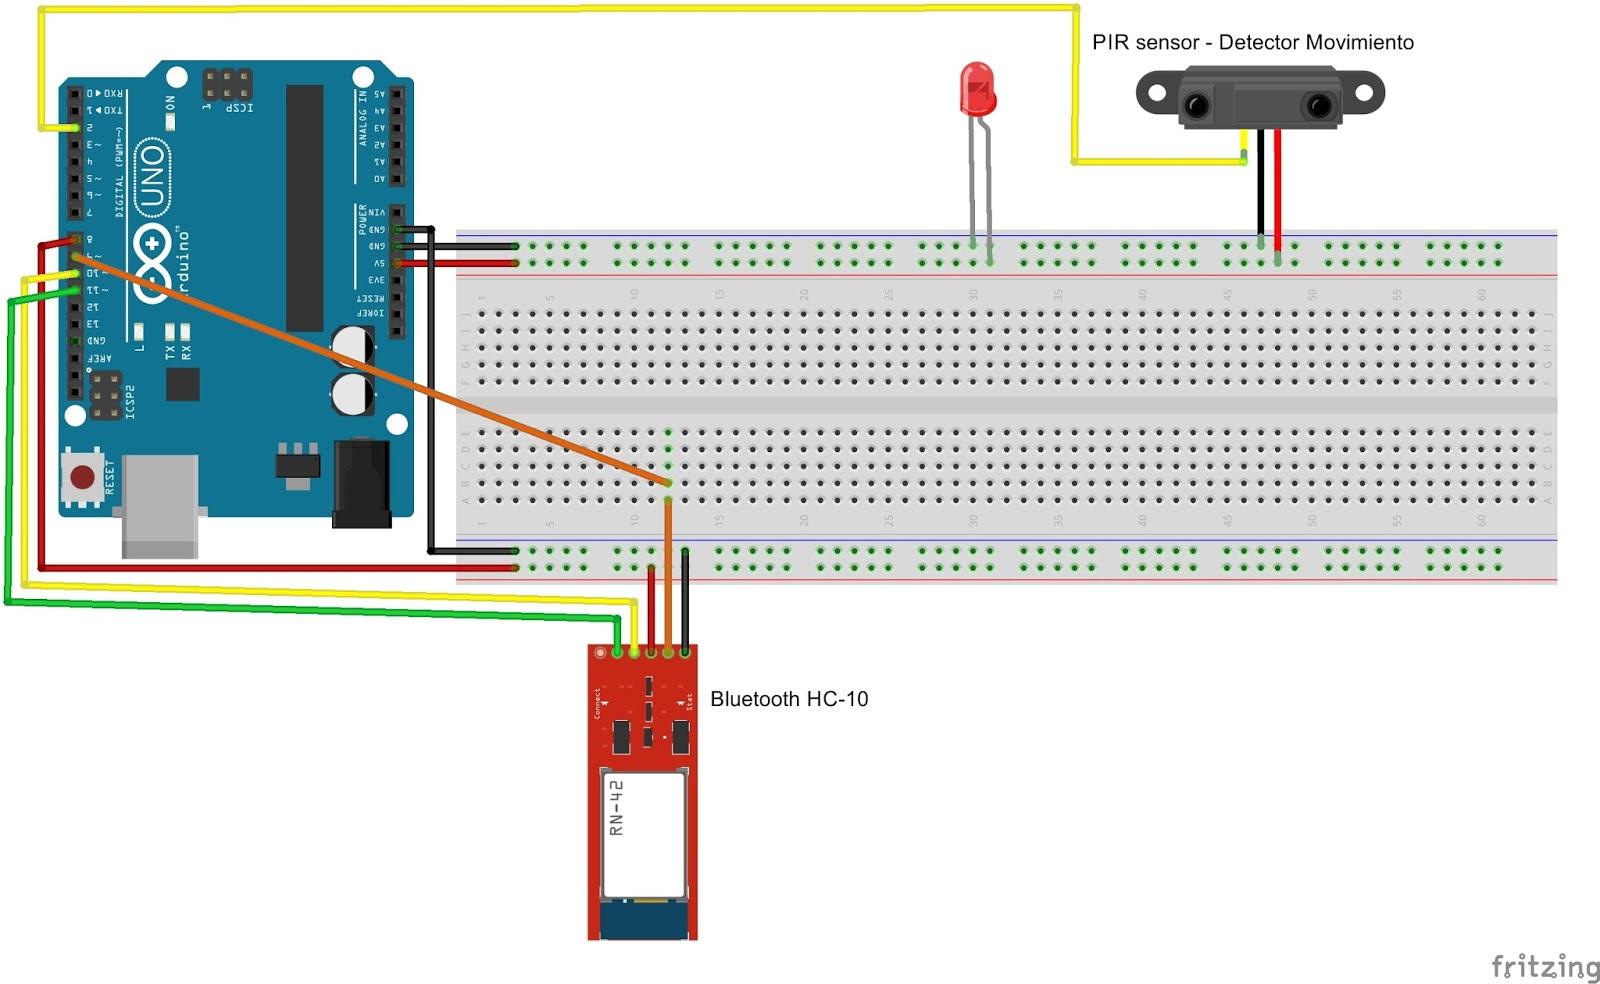 Circuito Bluetooth Casero : Sistema de seguridad de video vigilancia. diseño de sistemas